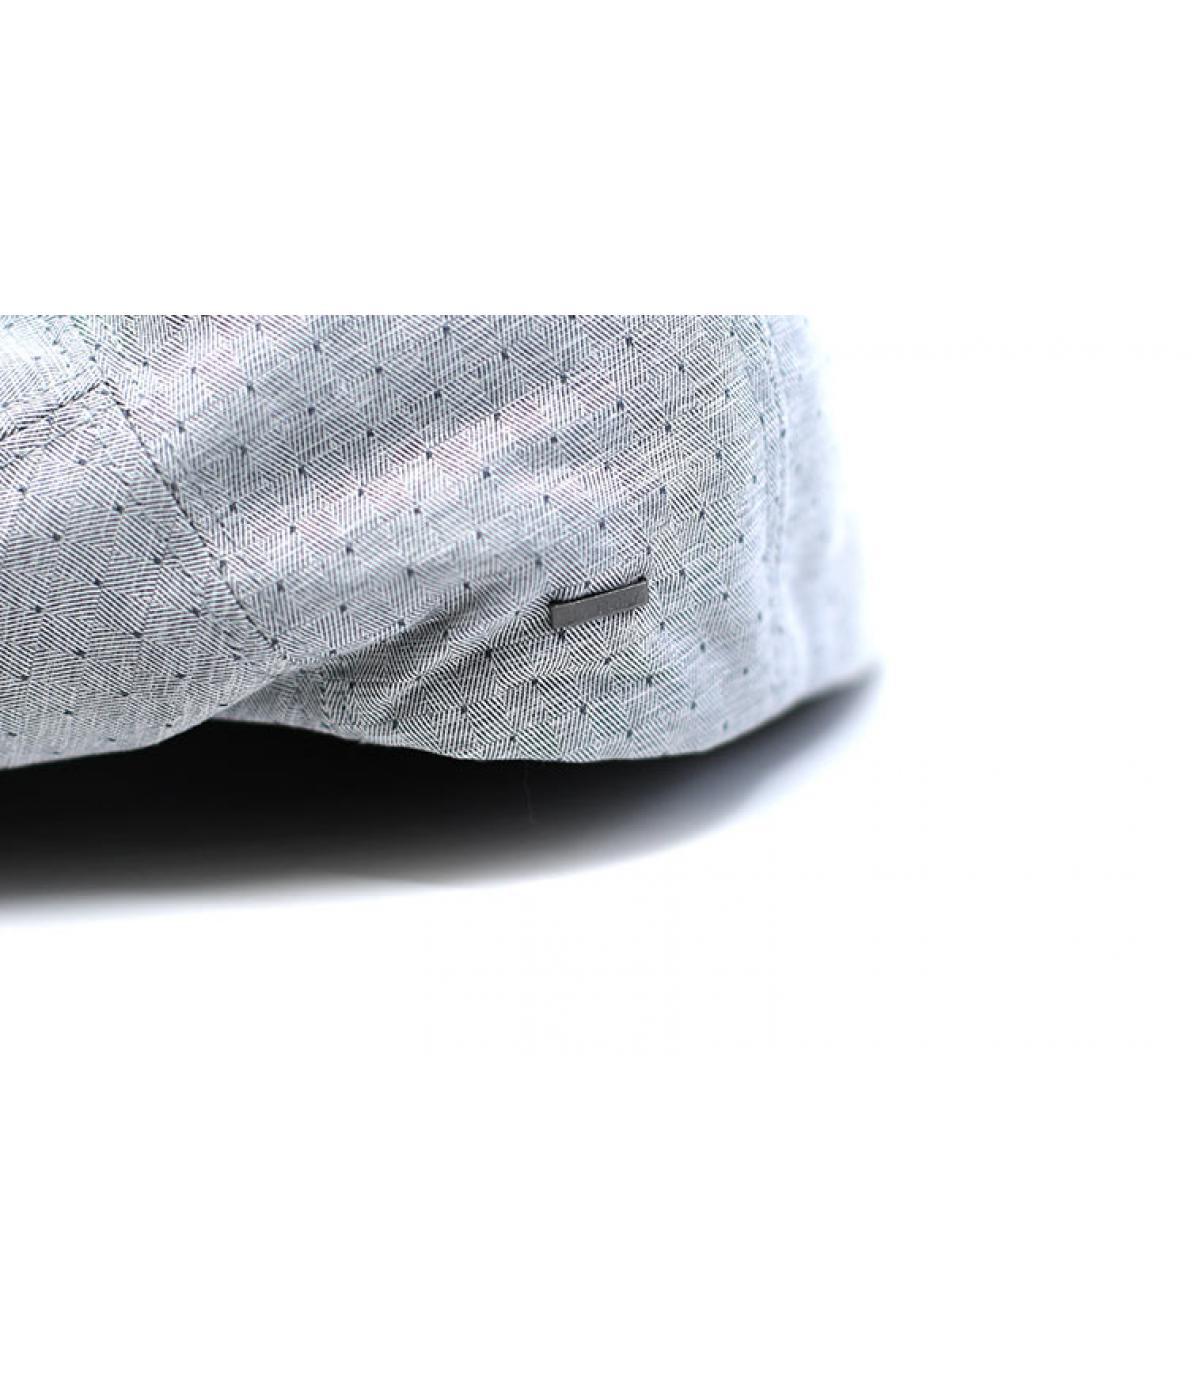 Détails Ganey charcoal - image 3